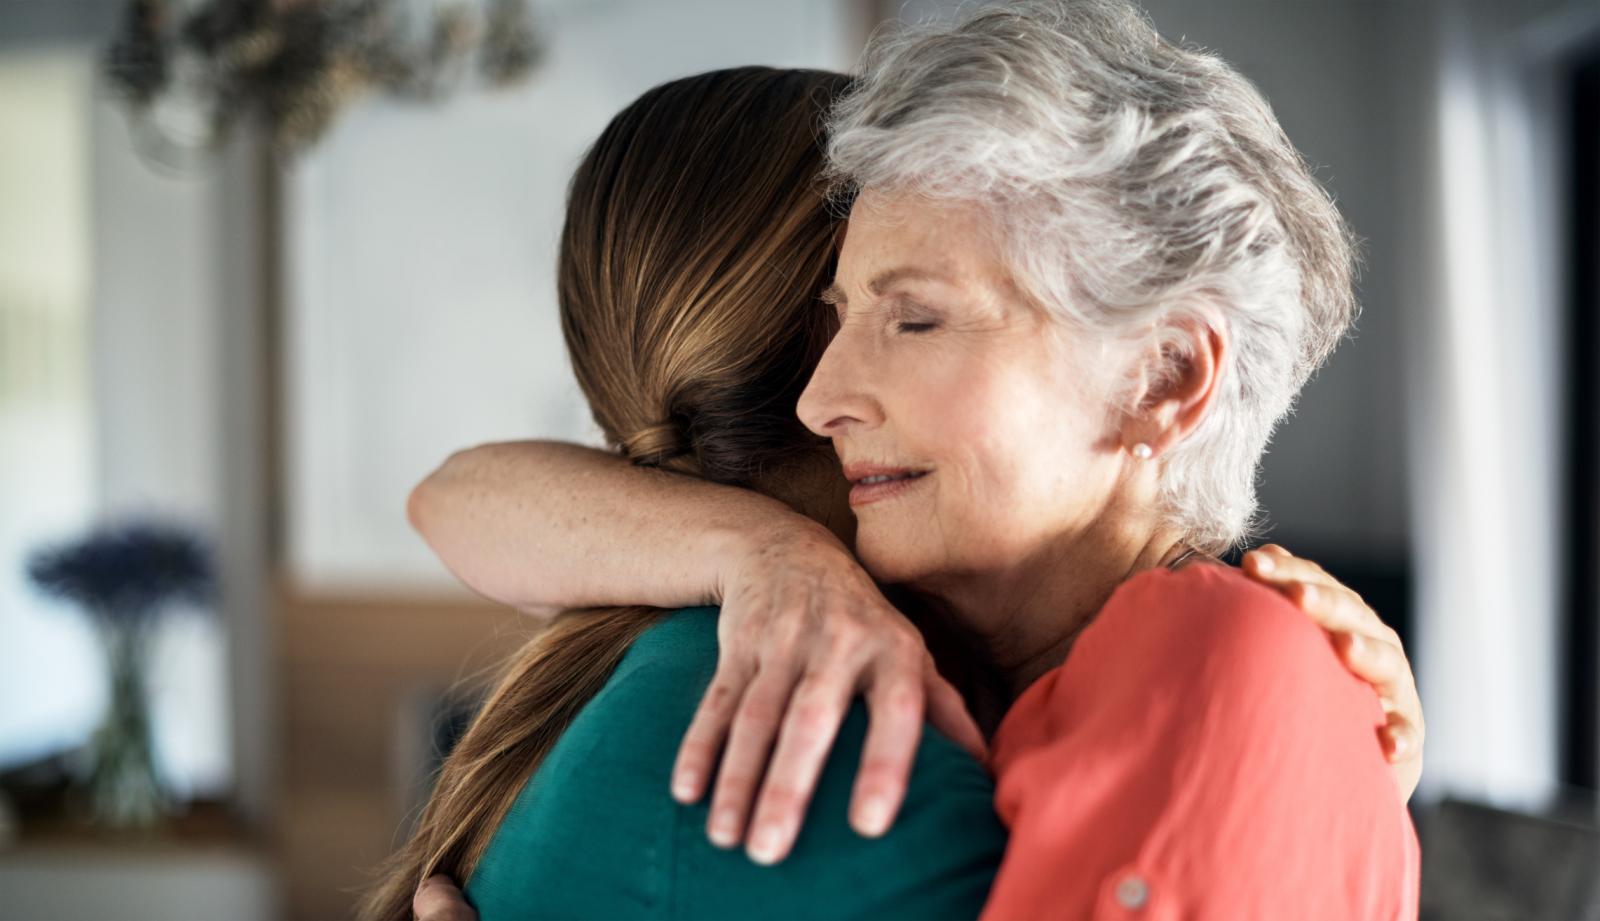 Kolonoskopija se u većini zemalja preporučuje kao preventivna mjera za uklanjanje polipa i rano otkrivanje raka.